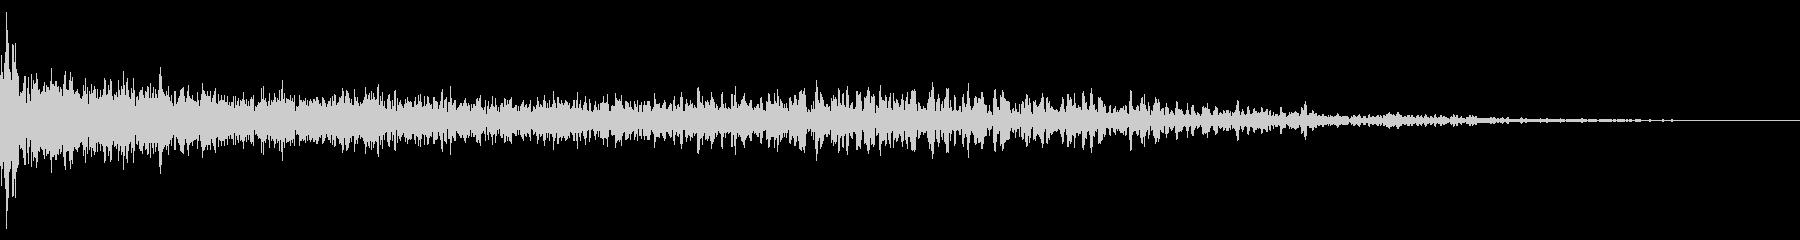 ホラー系アタック音20の未再生の波形